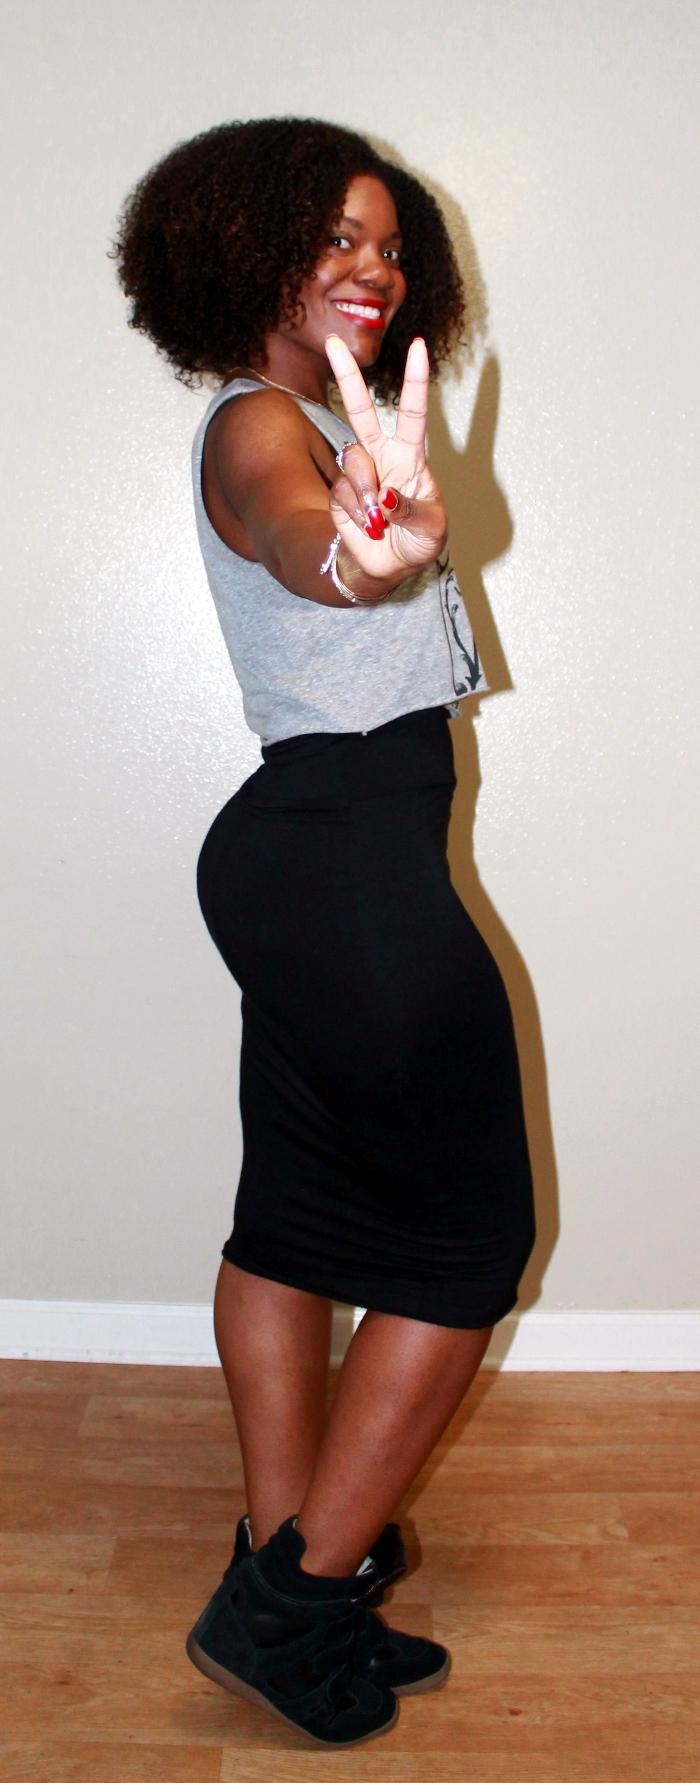 wedge sneakers,pencil skirt,natural hair, mac ruby woo,